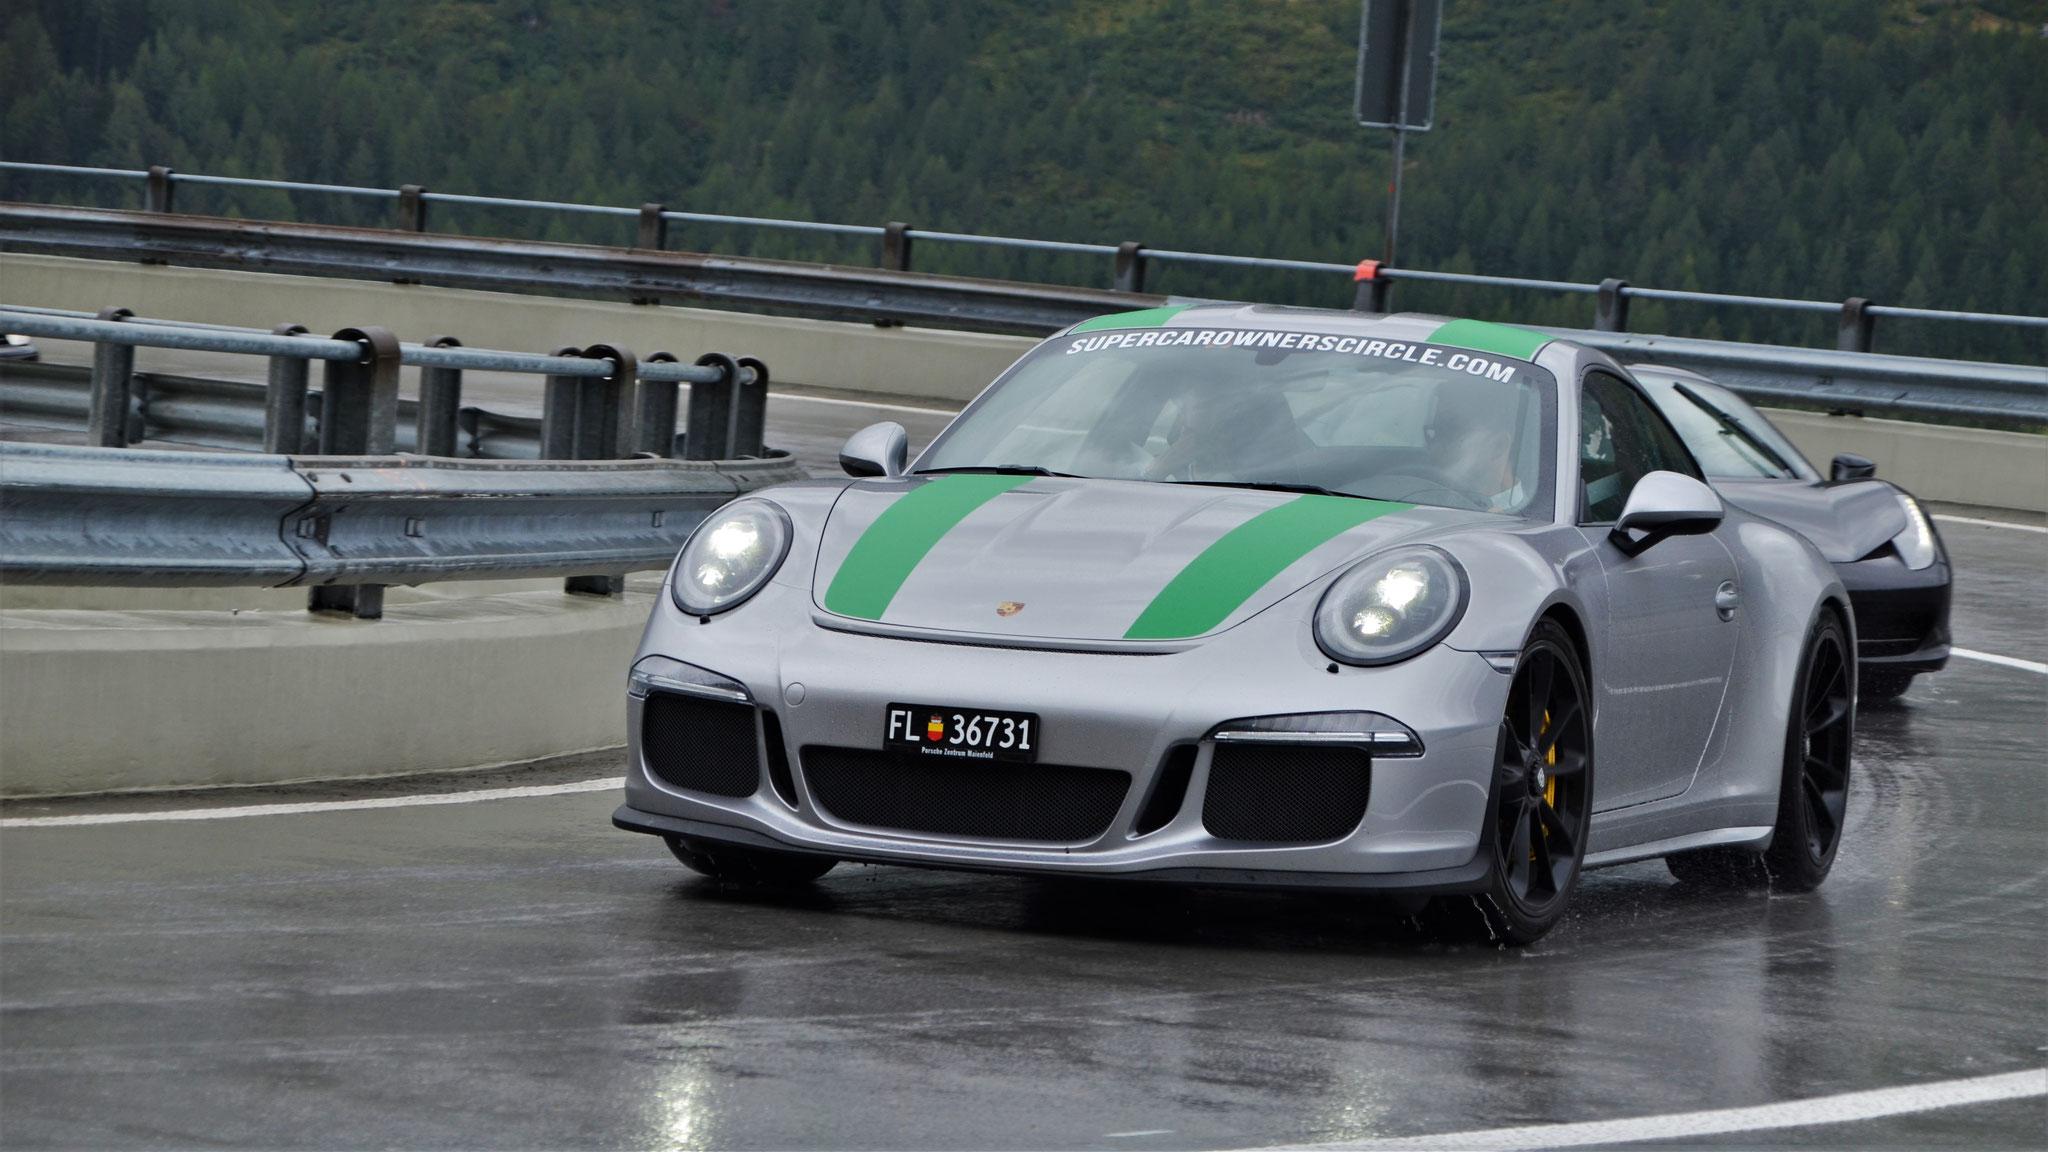 Porsche 911 R - FL-36731 (LIC)